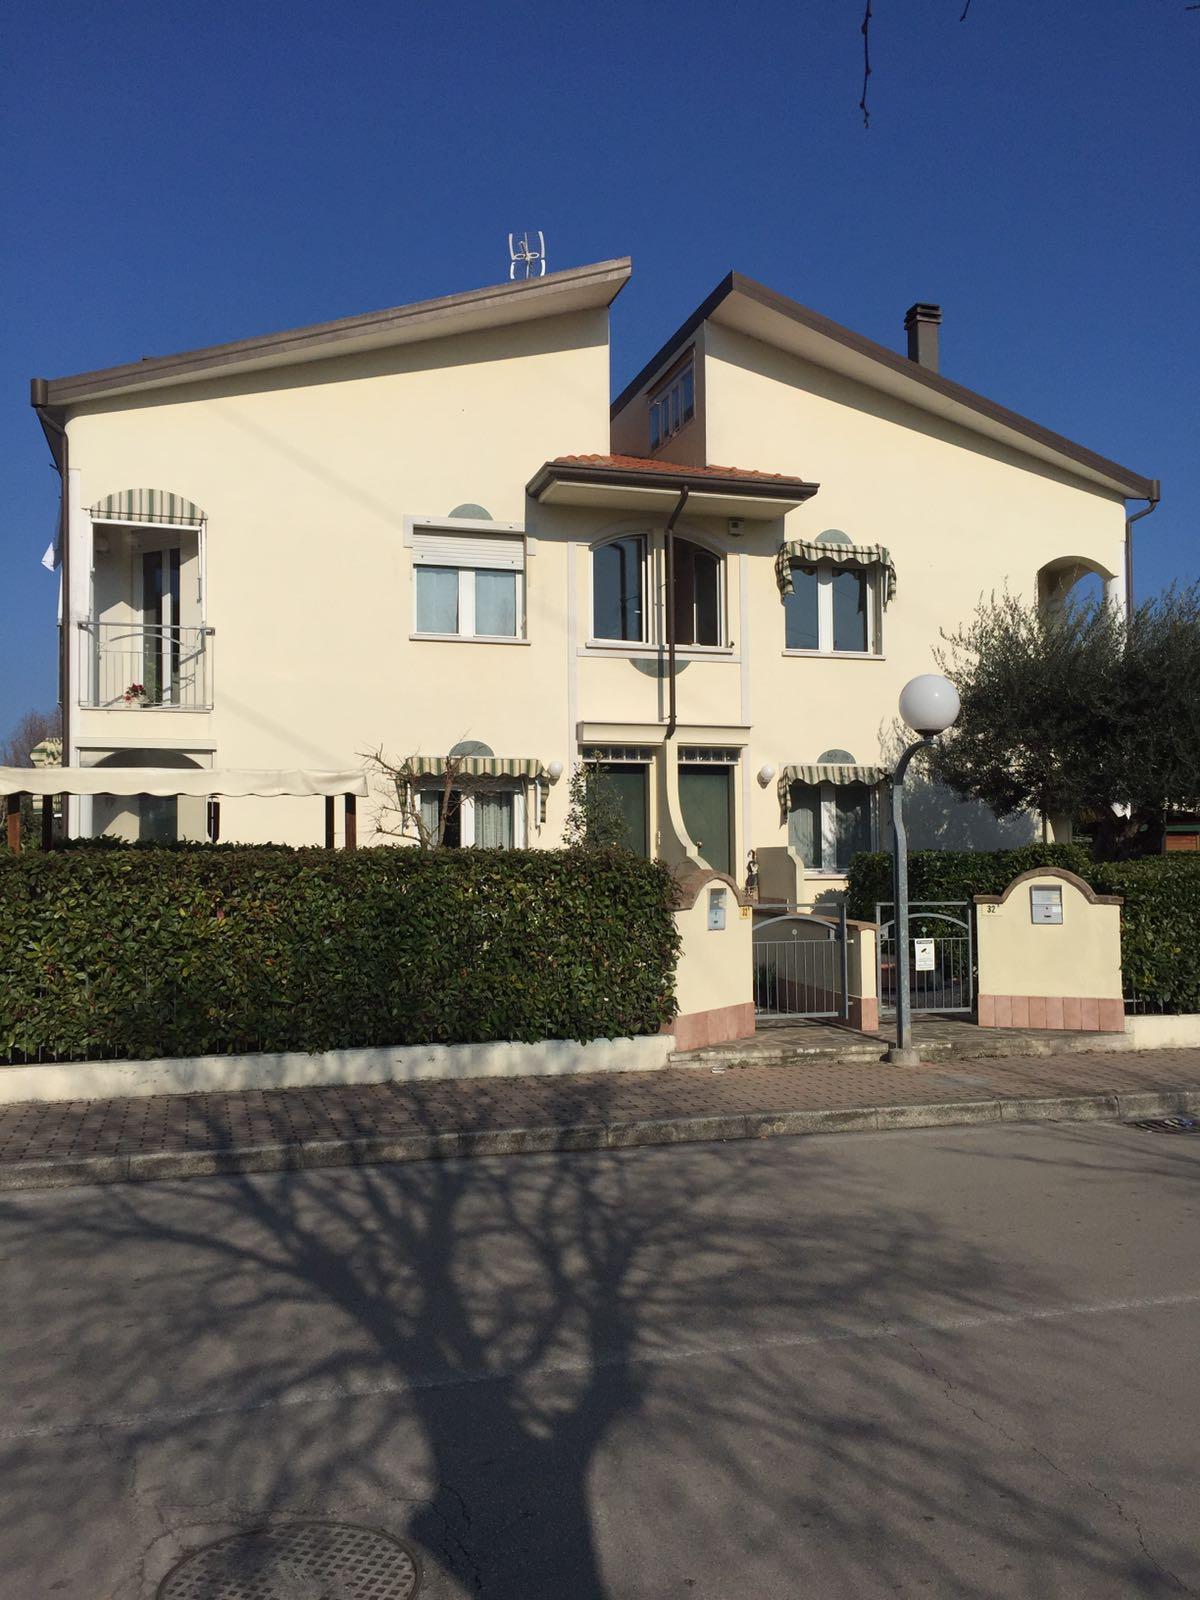 Villa in affitto a Misano Adriatico, 5 locali, Trattative riservate | CambioCasa.it